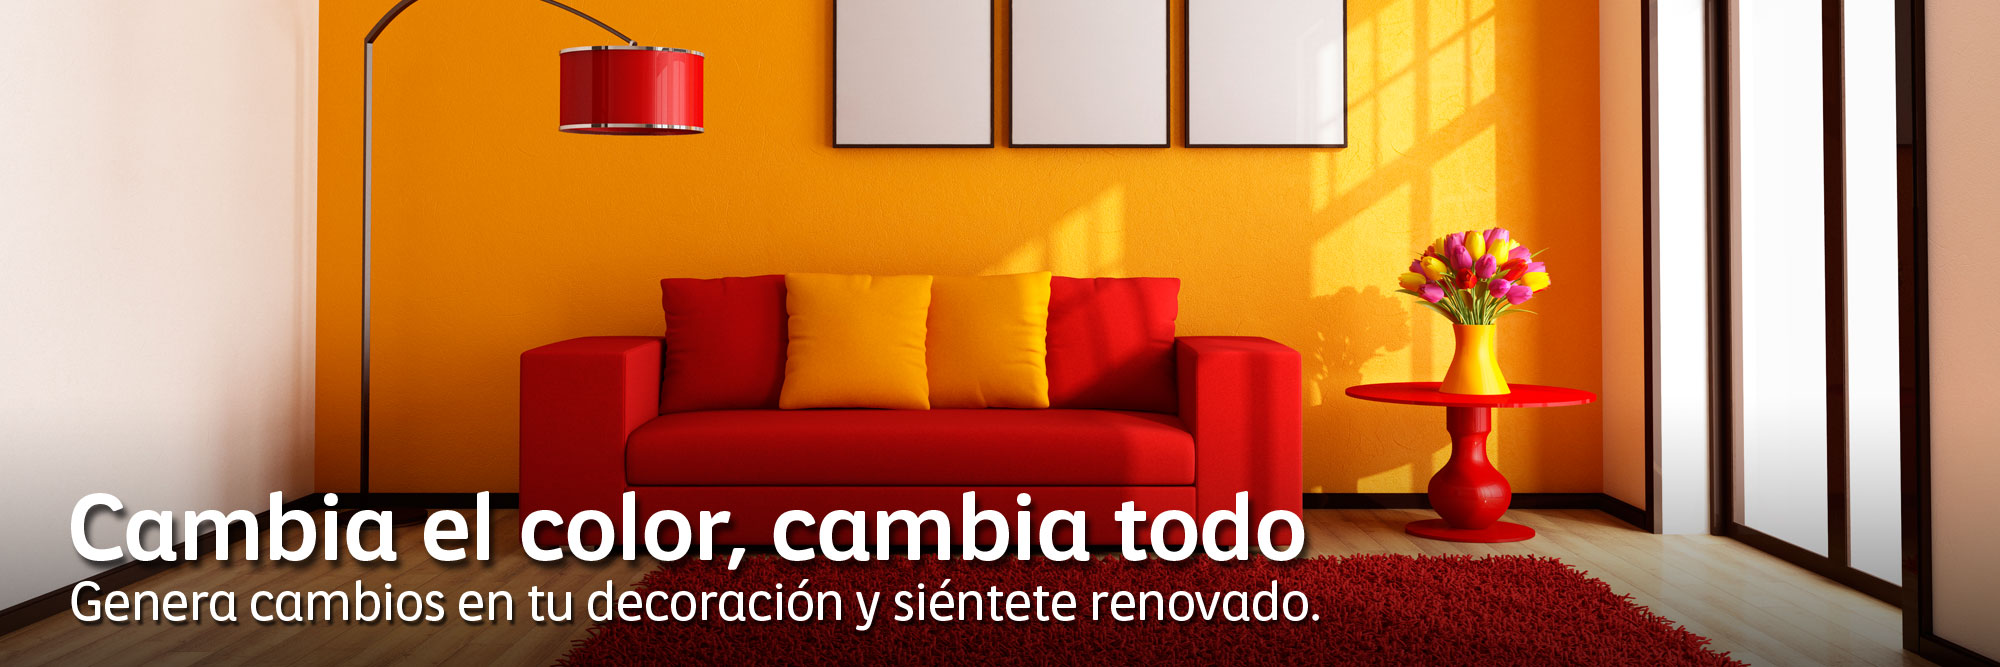 Catalogo colores comex catalogo colores comex river for Catalogo pinturas interior